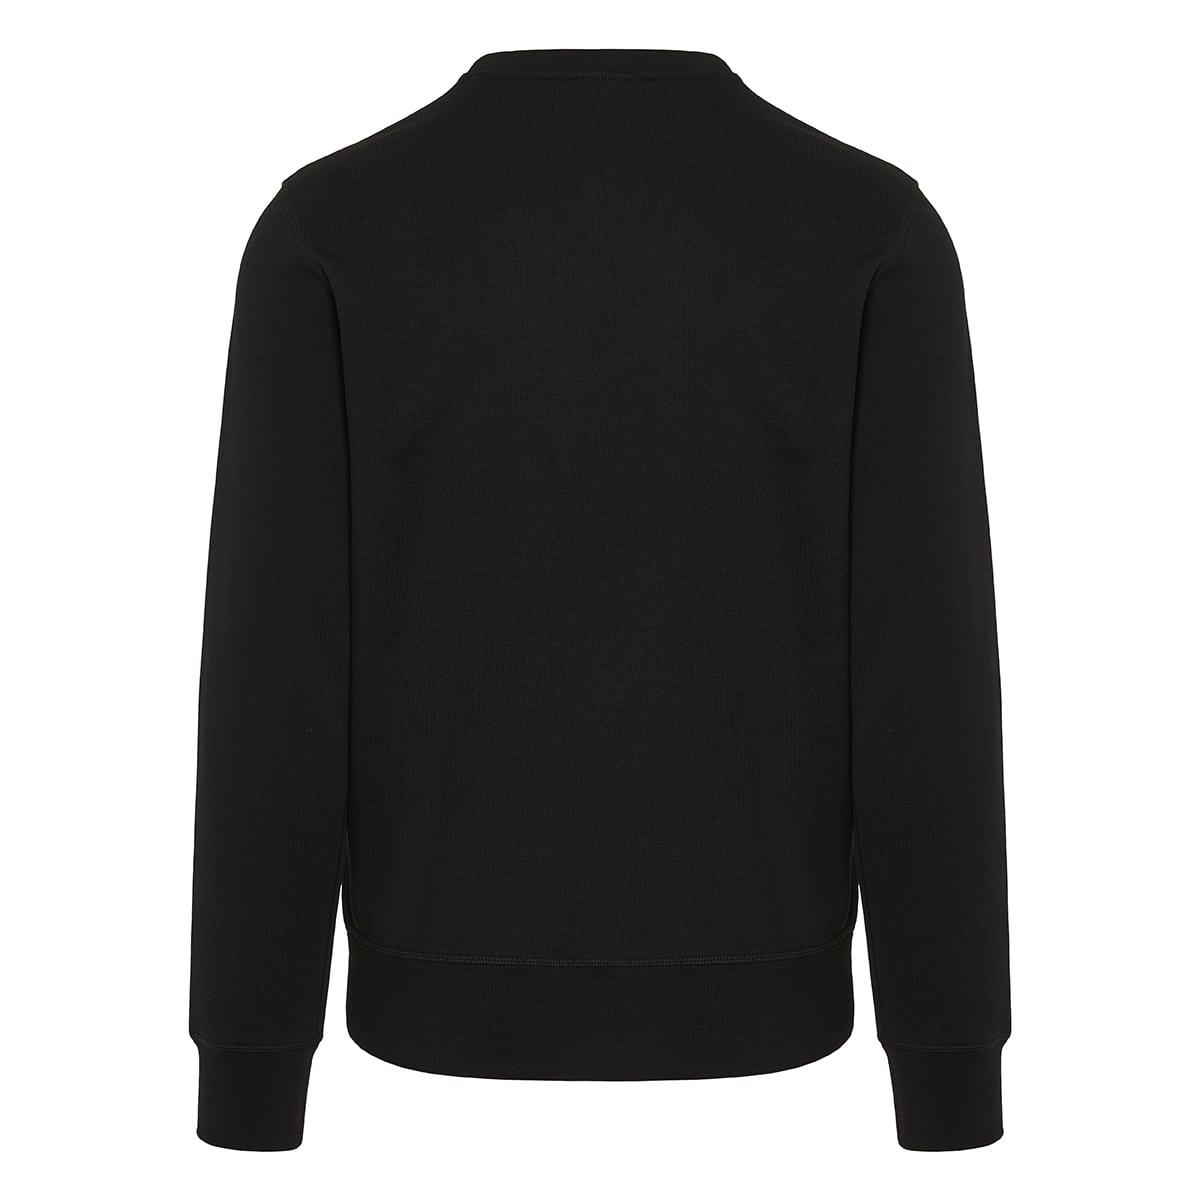 Skull embroidered sweatshirt